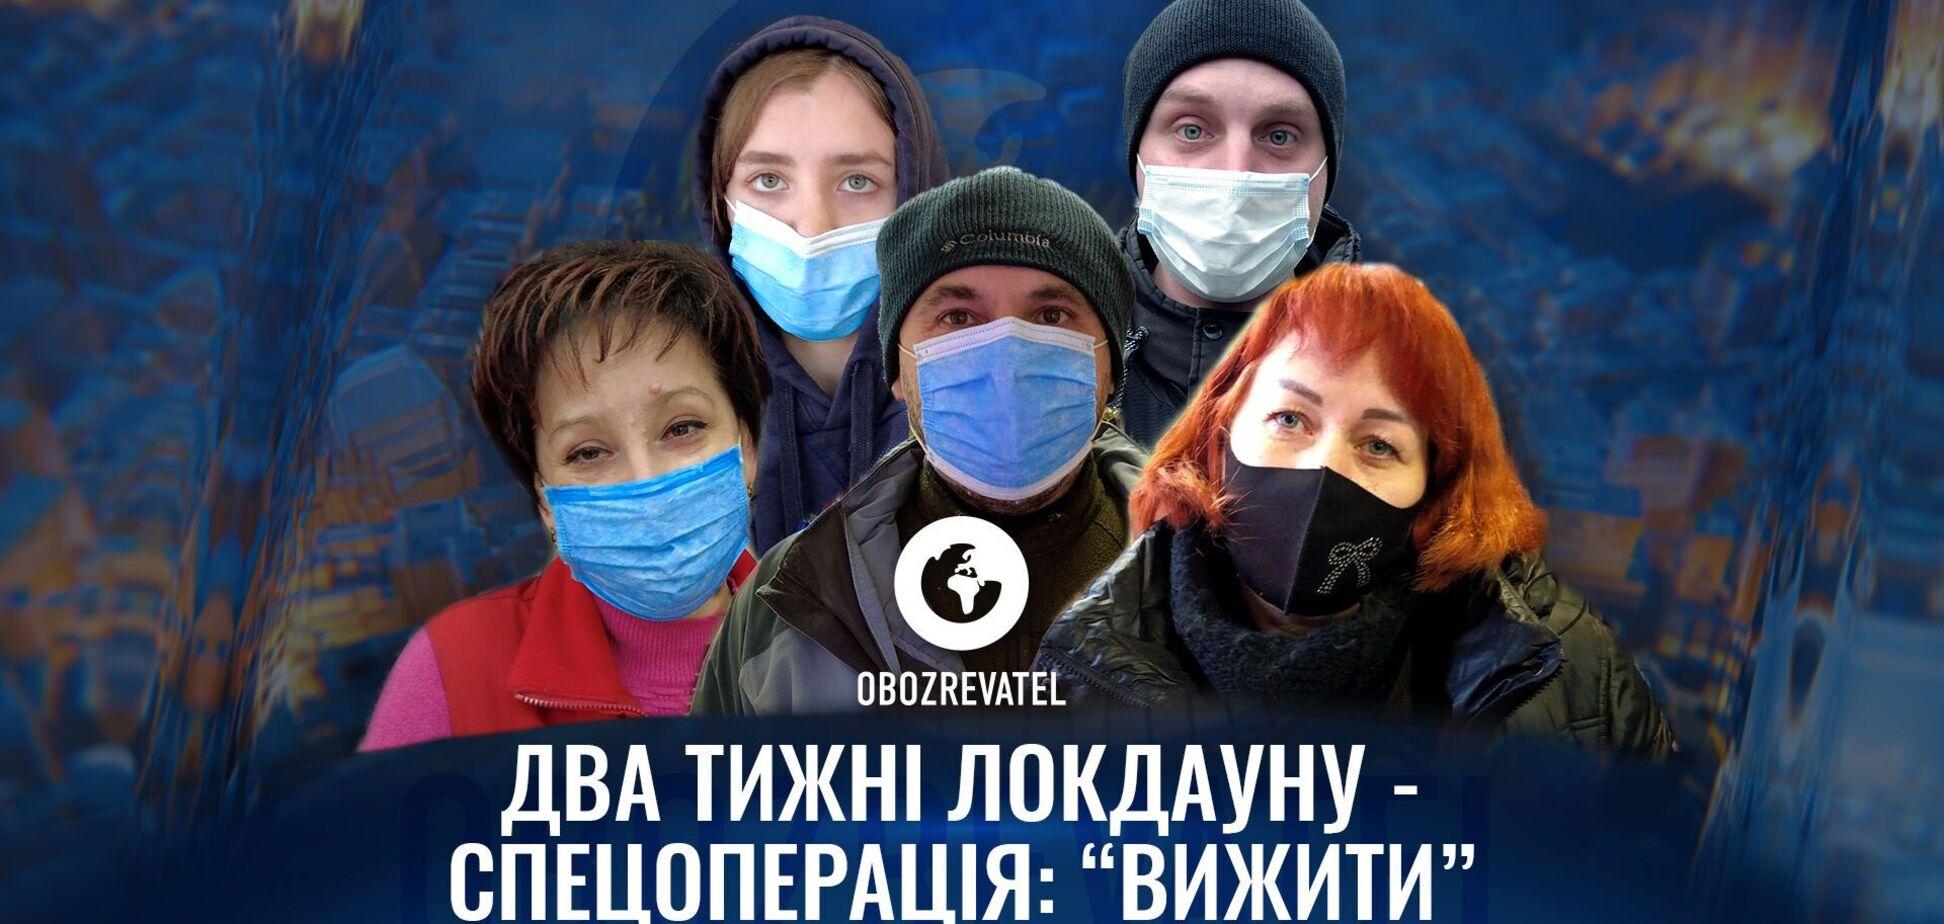 Как предприниматели и рядовые украинцы пережили две недели локдауна